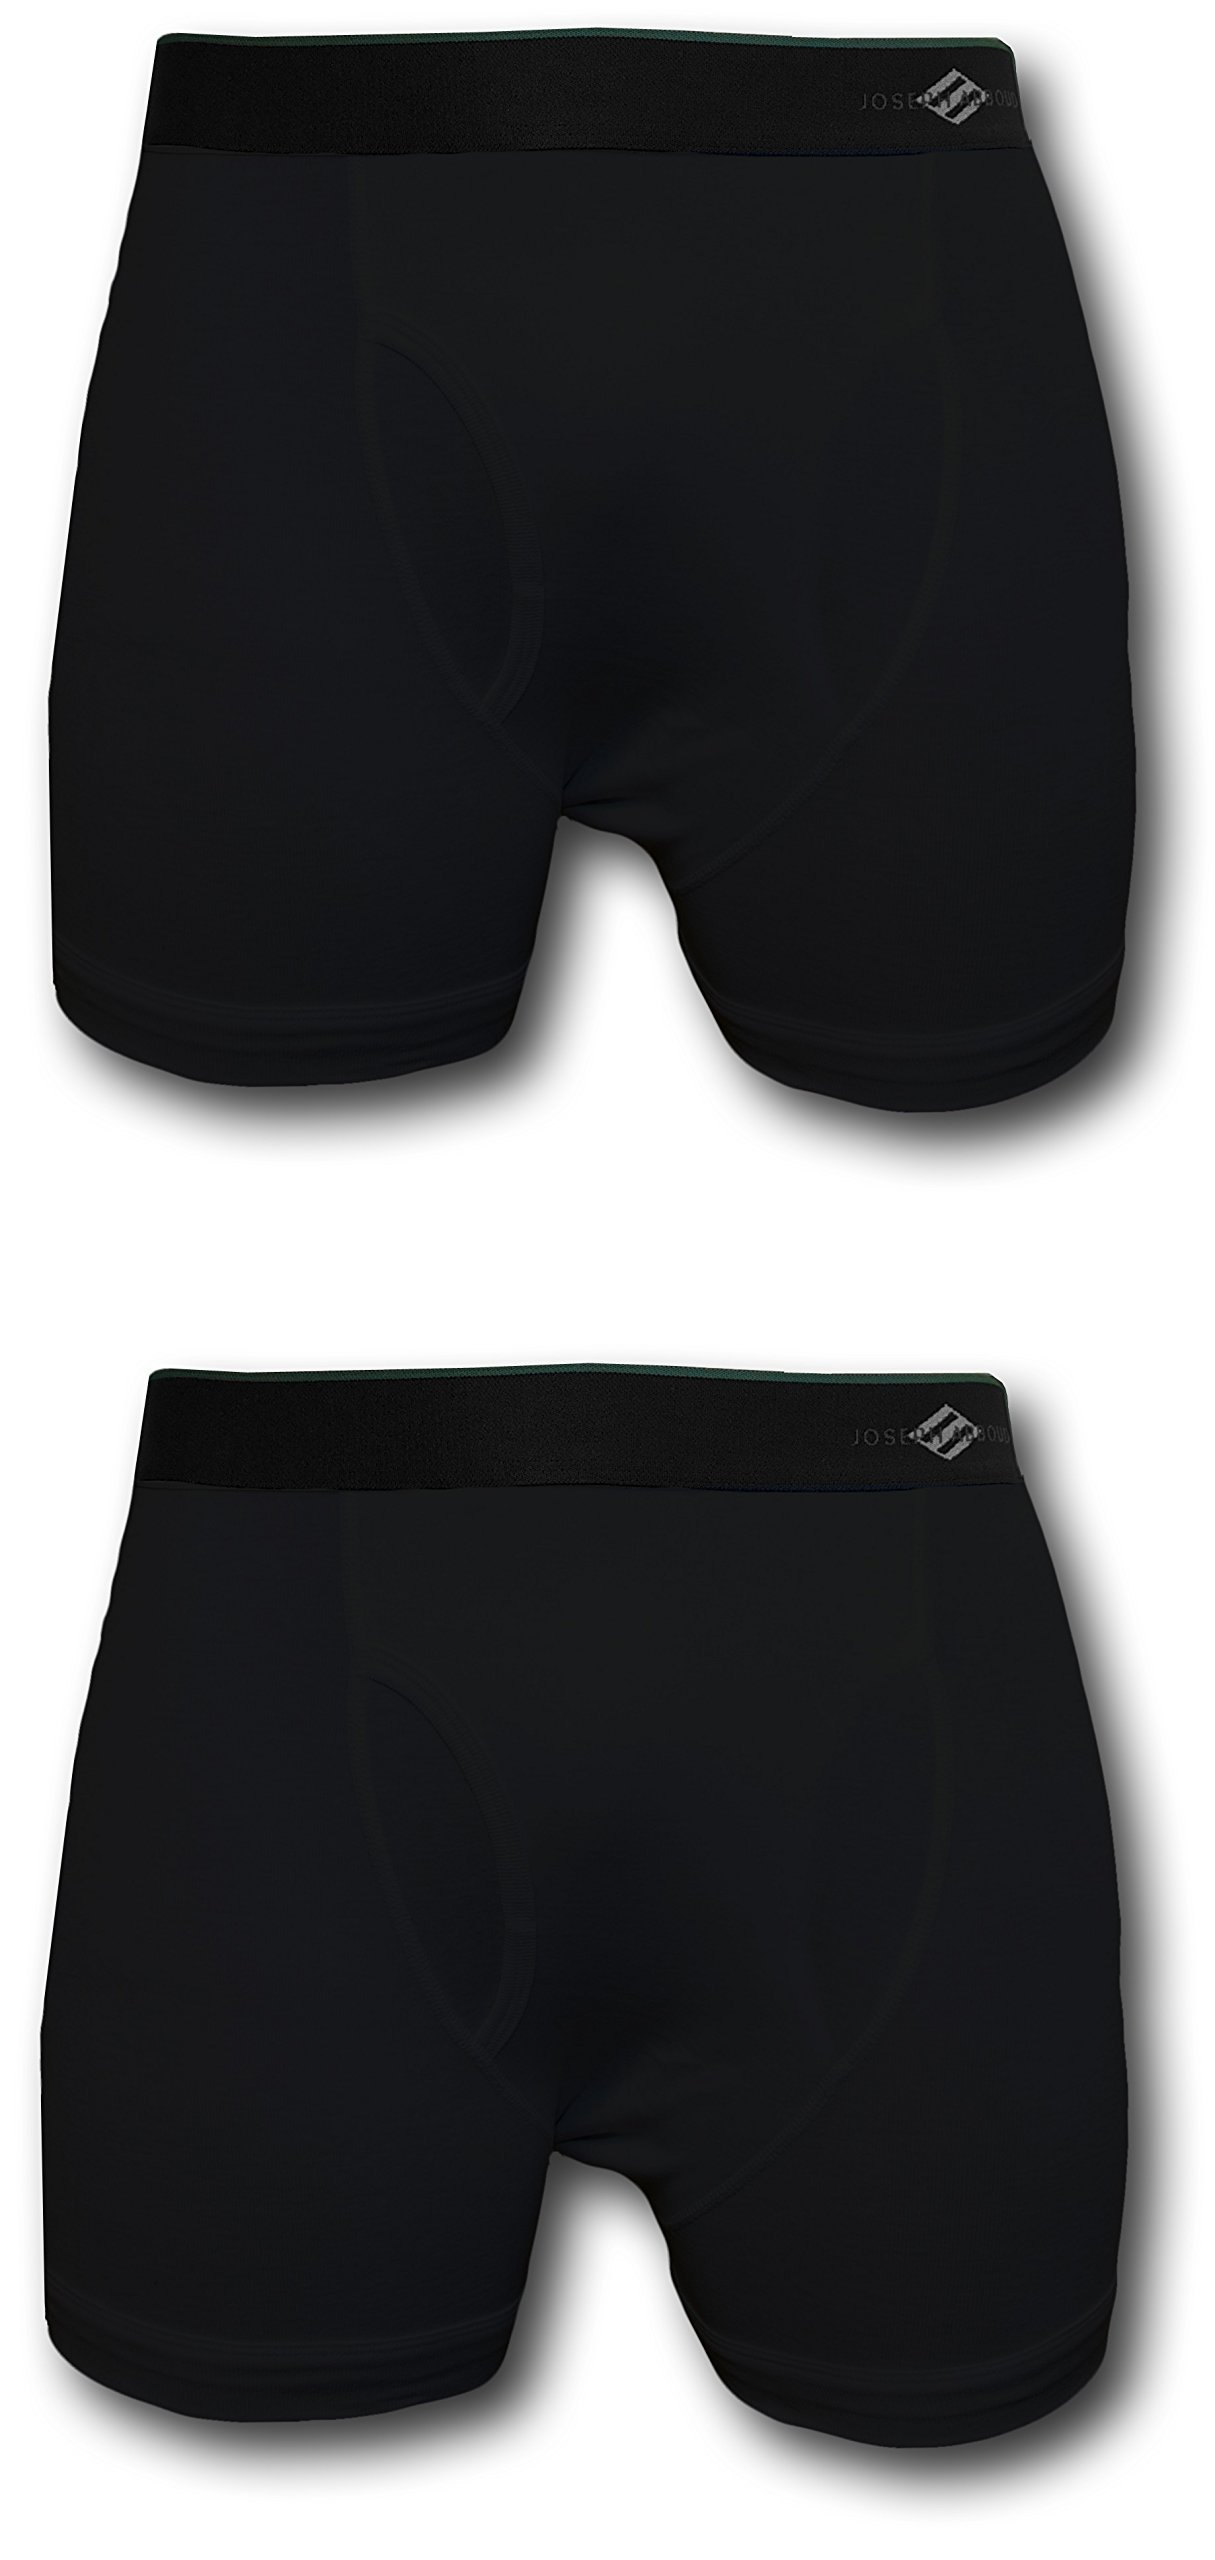 Joseph Abboud Men's 2 Pack Cotton Boxer Briefs (S (28-30), Black)